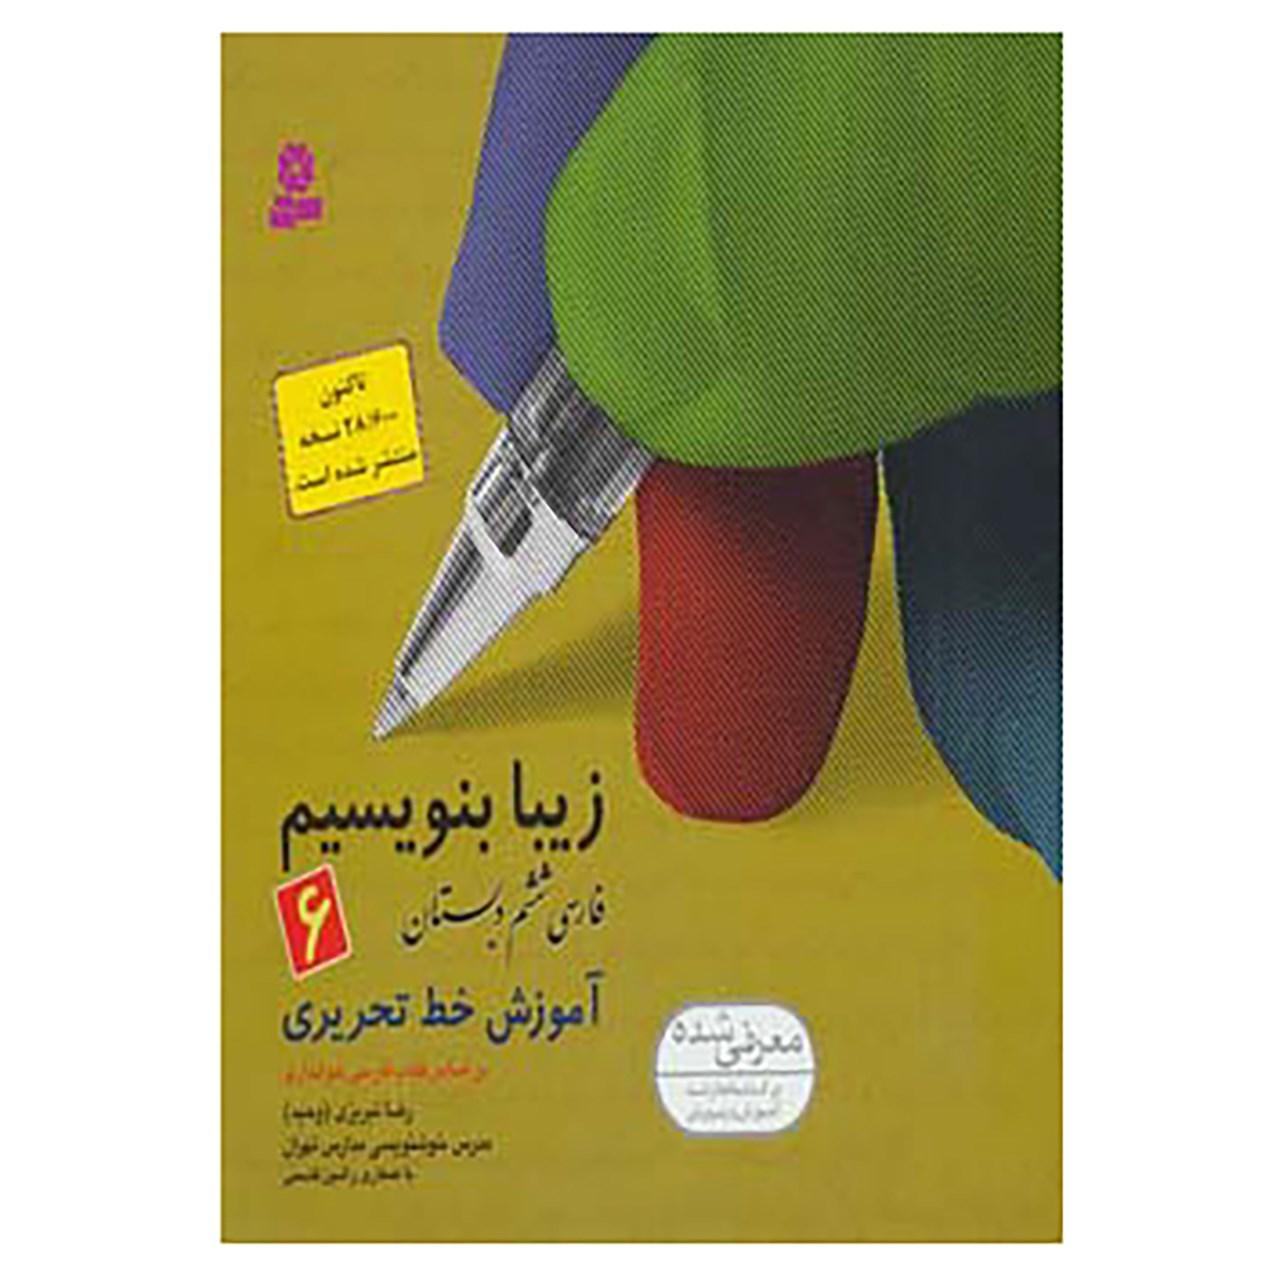 خرید                      کتاب زیبا بنویسیم 6 اثر رضا تبریزی